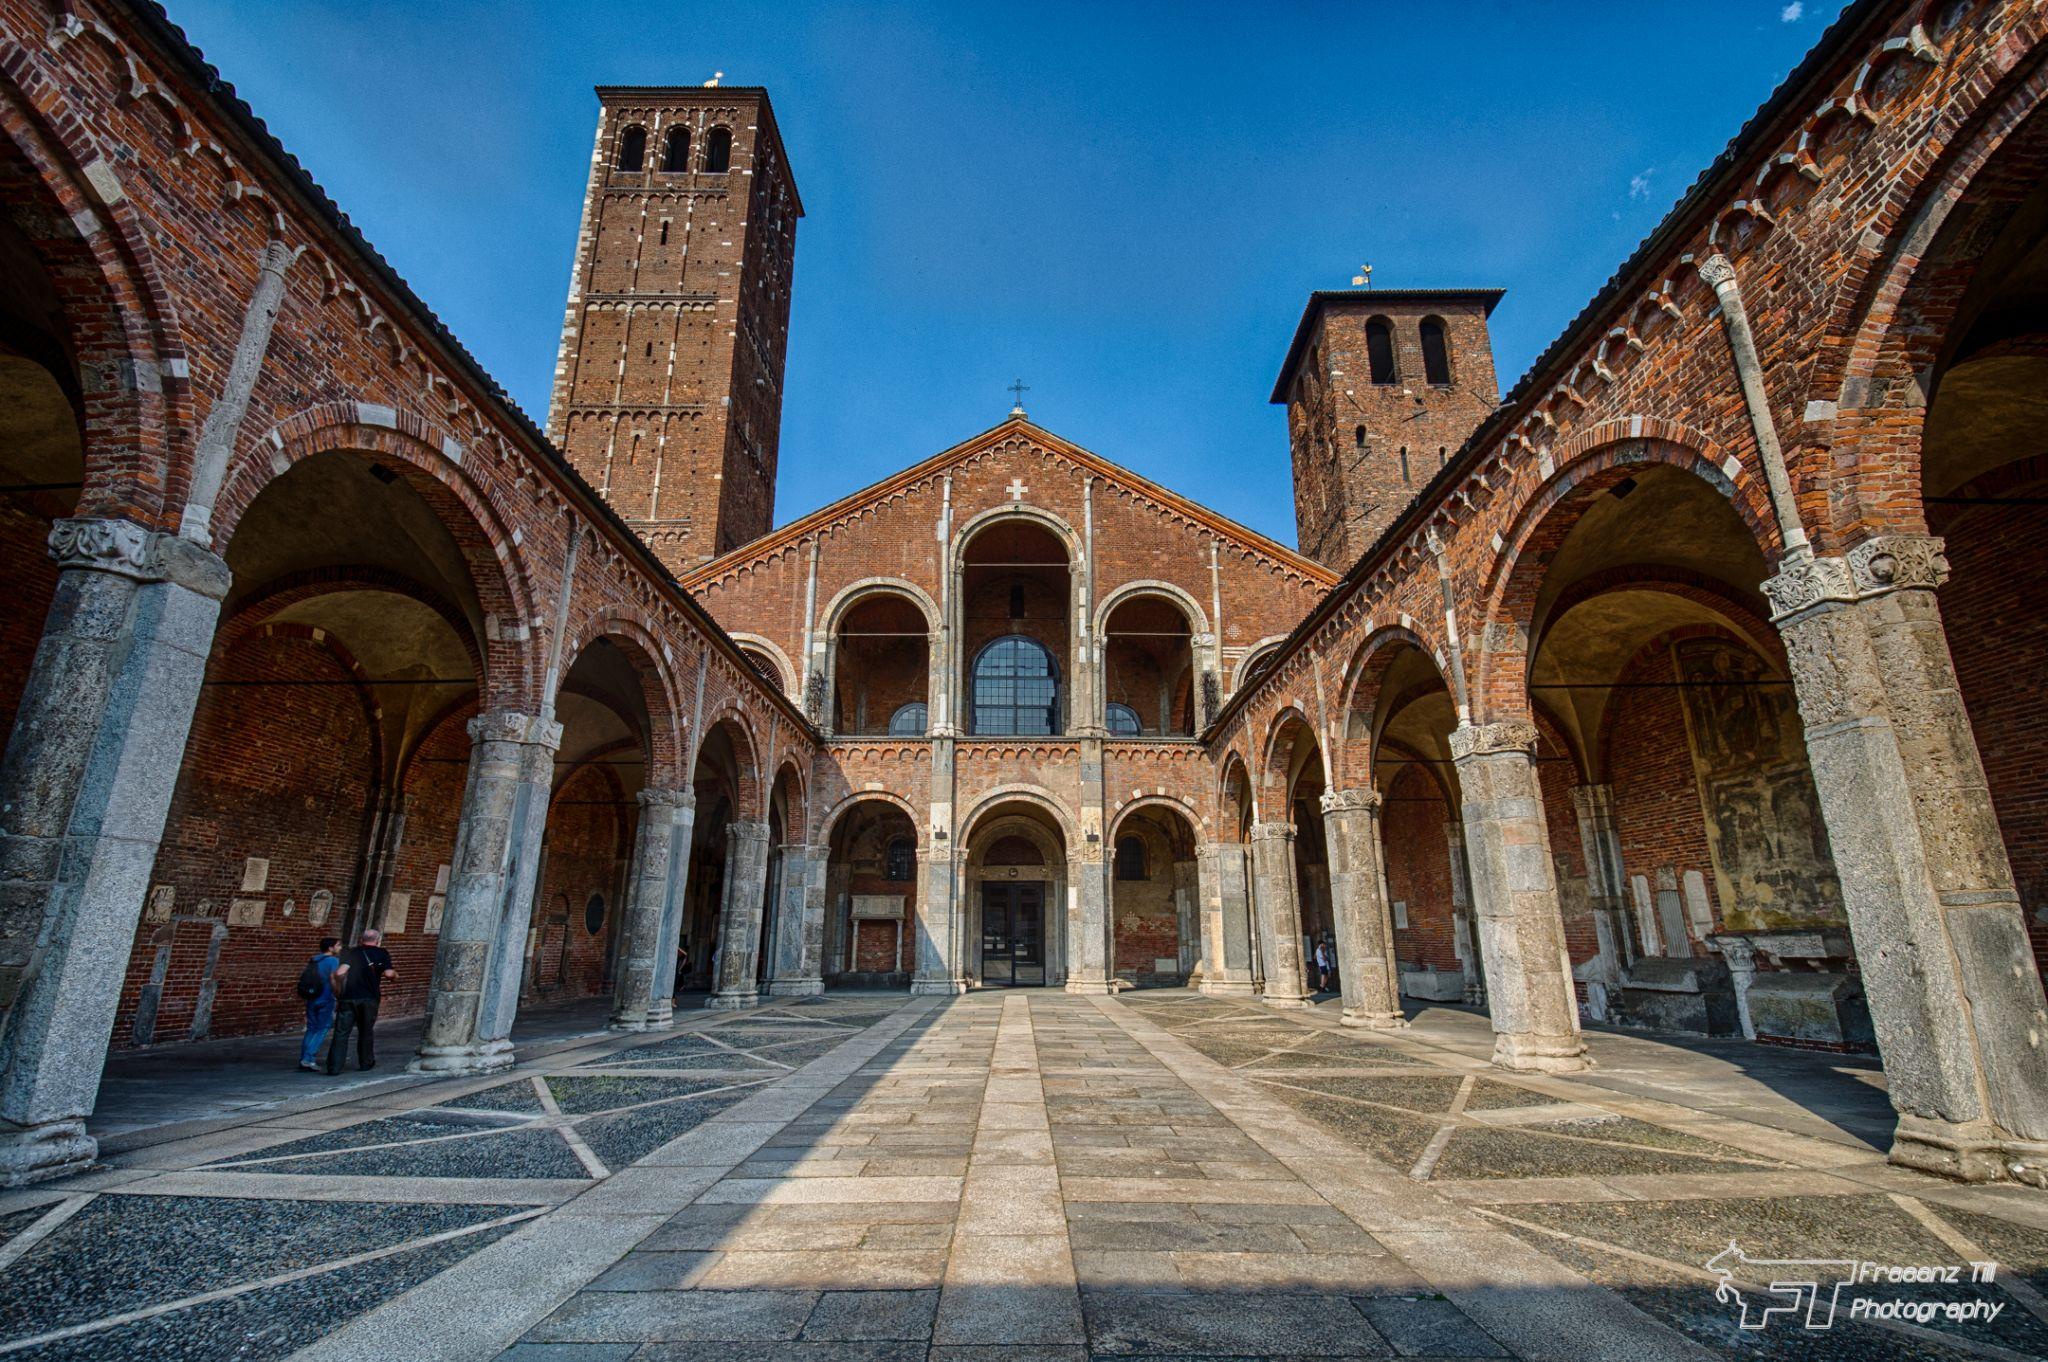 Basilica di Sant'Ambrogio, Italy